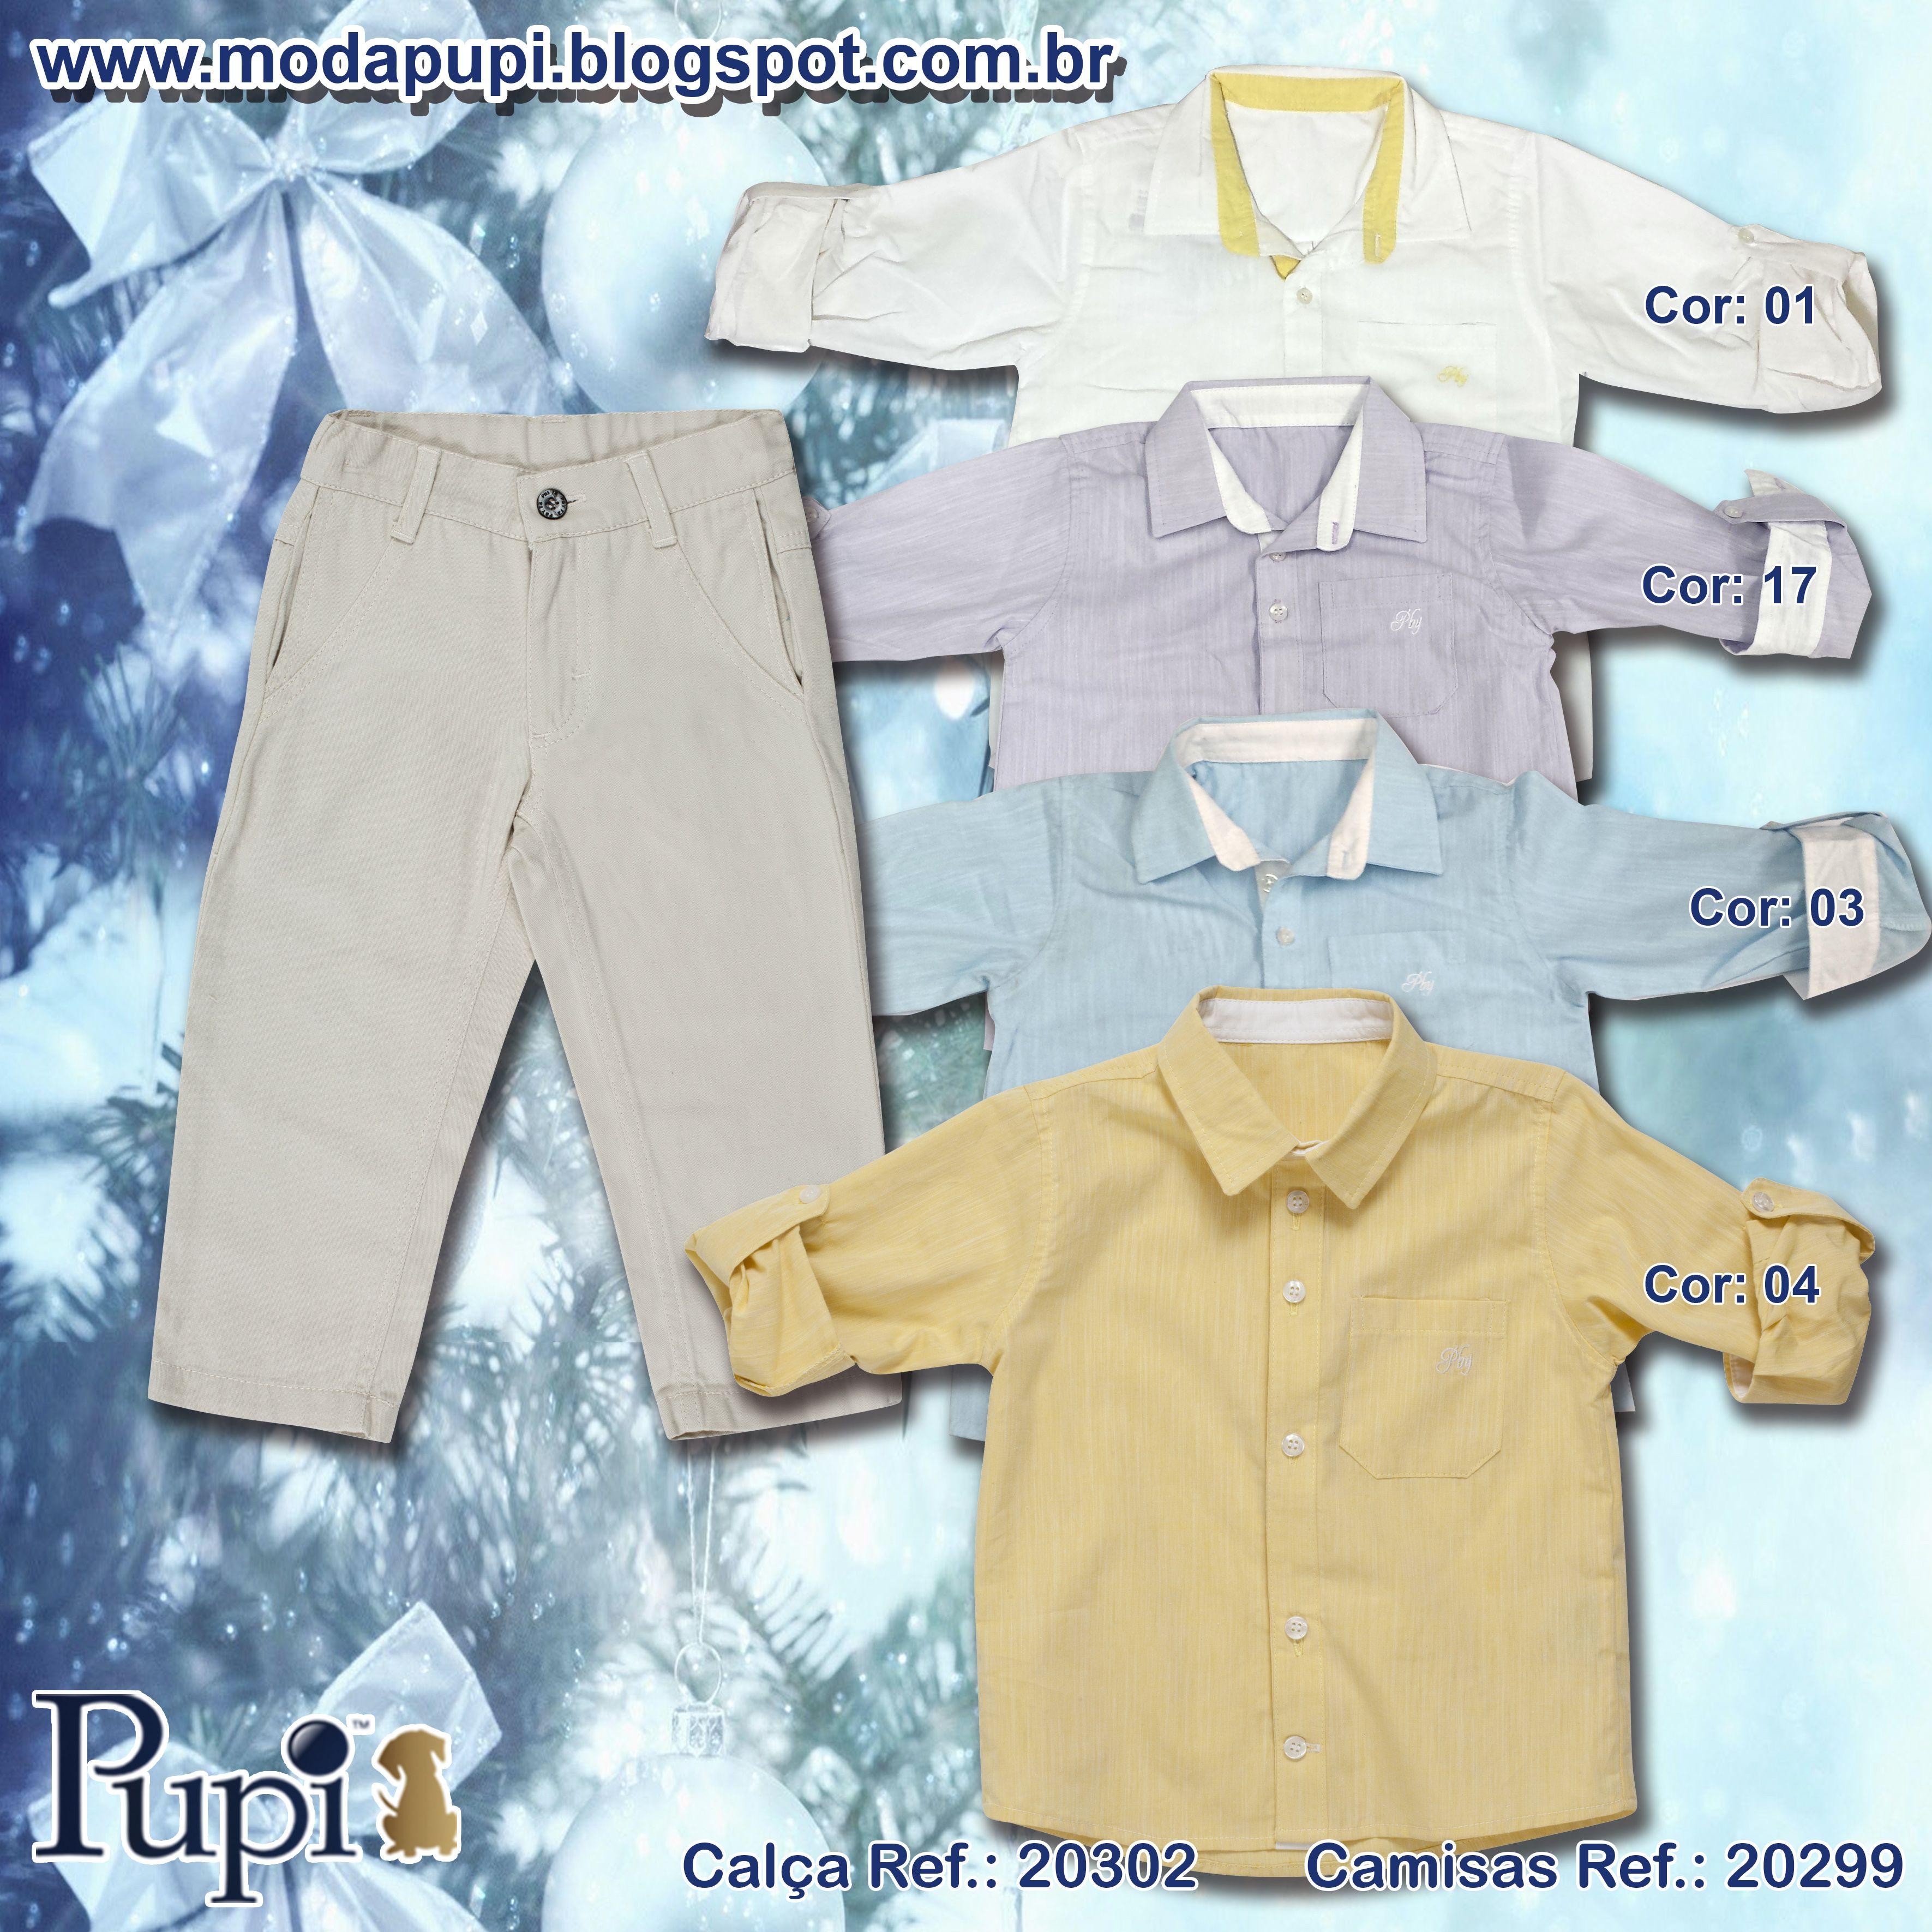 Kids Masculino para o Natal. Tamanhos 2,4,6,8,12,14. www.modapupi.blogspot.com.br